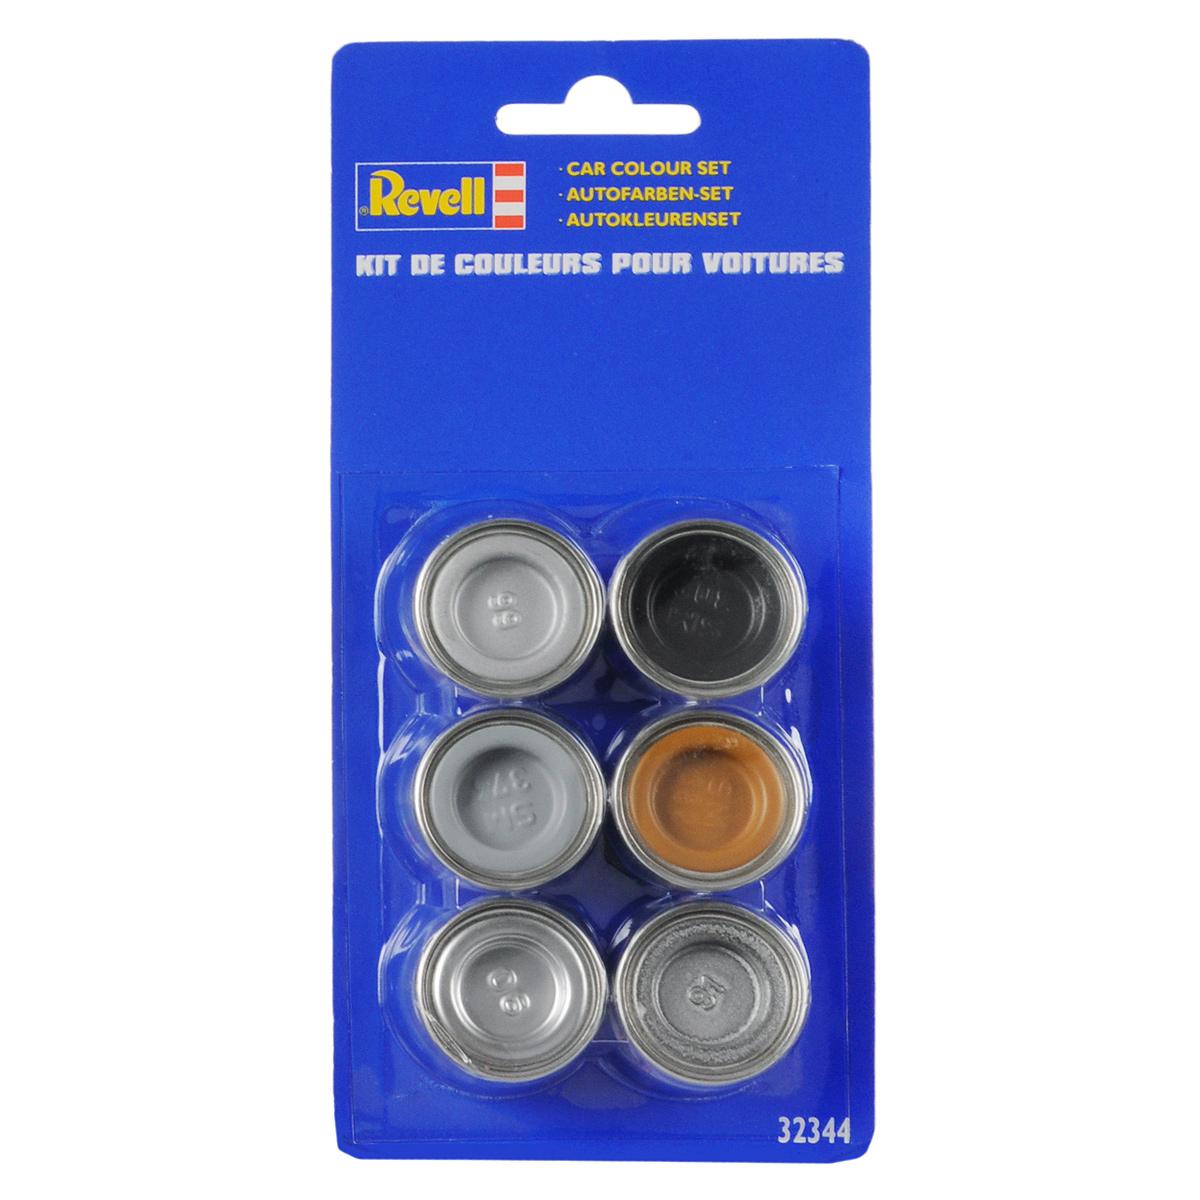 Revell Набор красок для автомобилей32344Краски для моделей Revell - это высококачестный материал для покраски ваших моделей. В базовый набор входит 6 мини-баночек с краской, каждая из которых имеет объем в 14 мл. Номера красок: 90, 91, 99, SM 302, SM 374, SM 382.